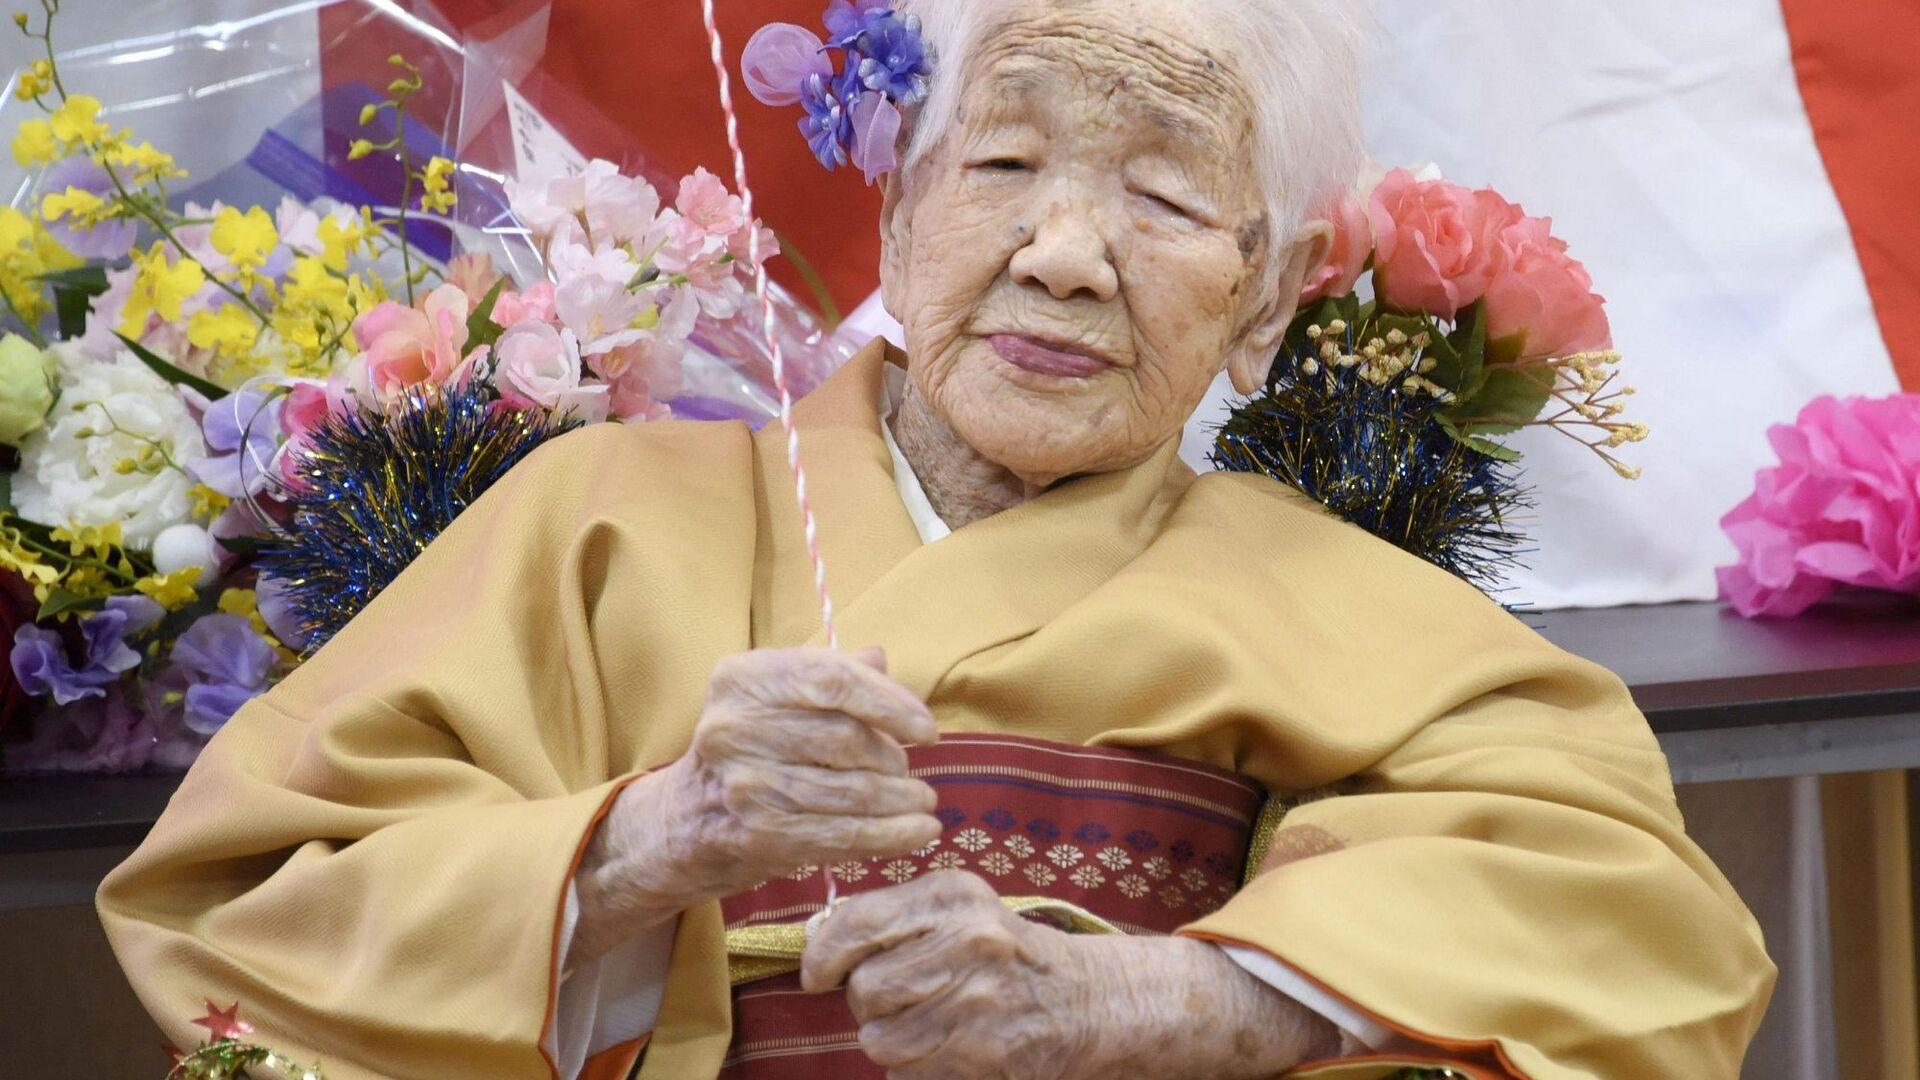 Japonya'da yaşayan Kane Tanaka, 117. doğum gününü kutlayarak sahip olduğu 'dünyanın en yaşlı insanı' rekorunu yeniledi. - Sputnik Türkiye, 1920, 15.09.2021